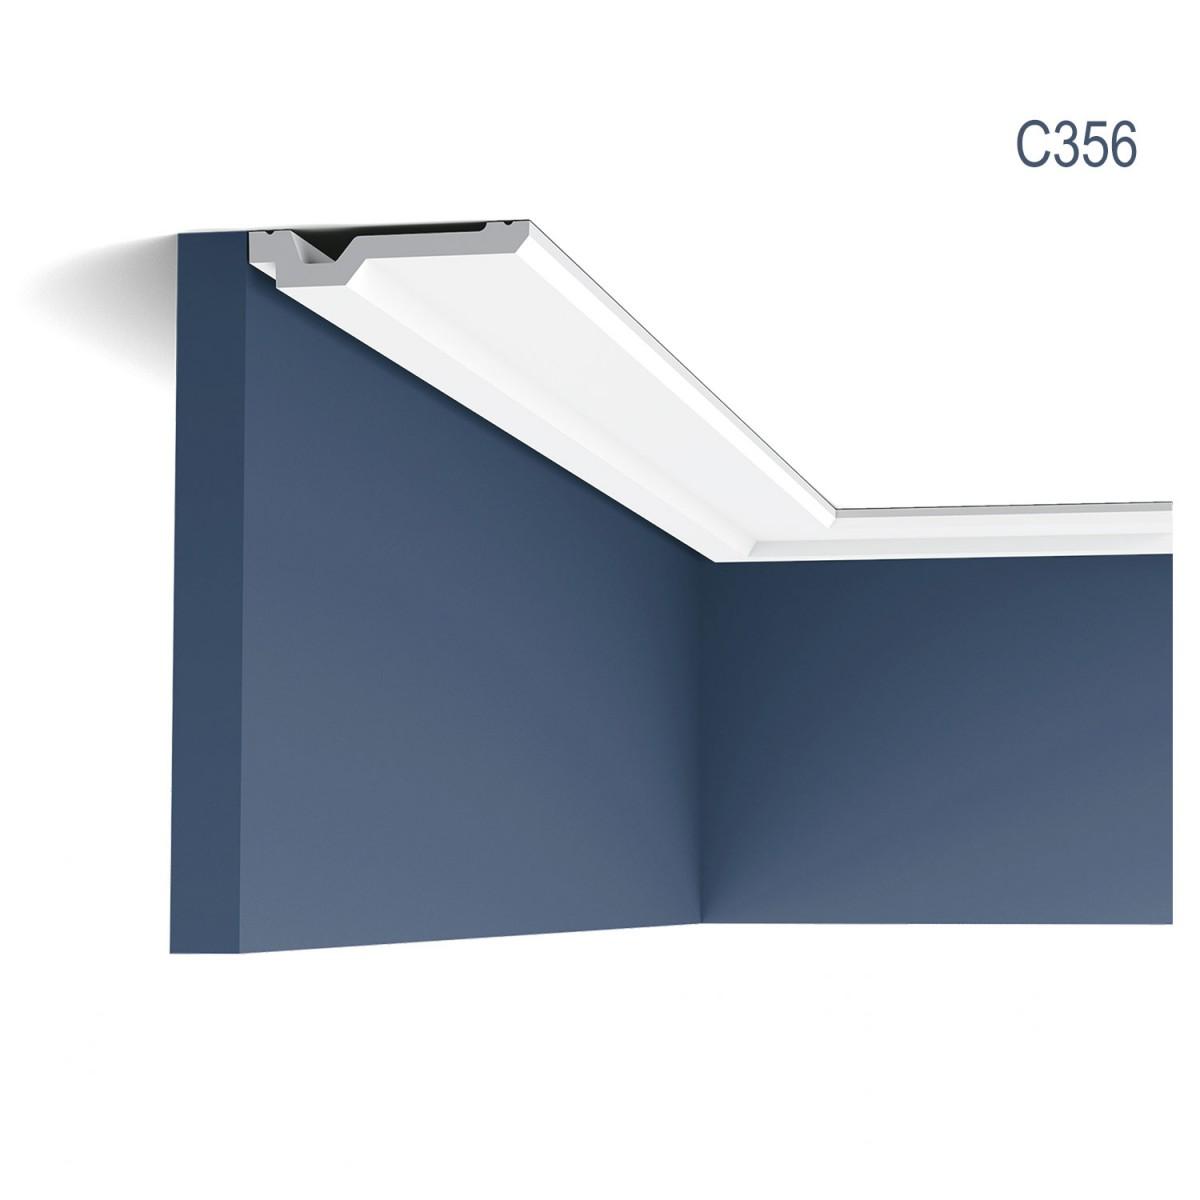 Cornisa Luxxus C356, Dimensiuni: 200 X 2 X 10 cm, Orac Decor